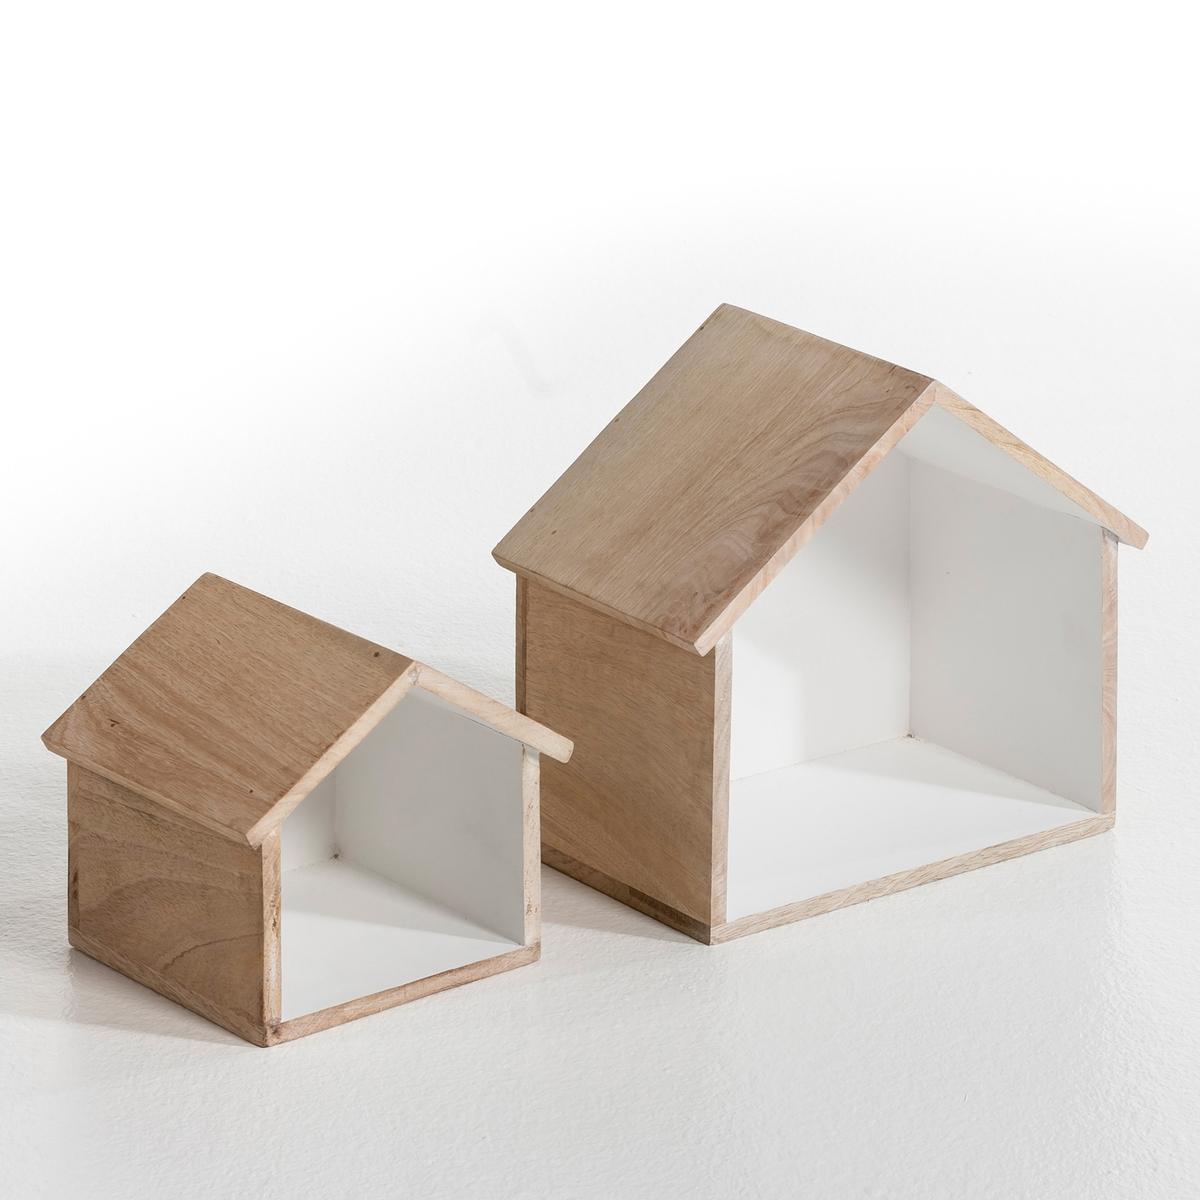 Полка в форме дома (2 шт.)  В18 и В27 см, Case от La Redoute